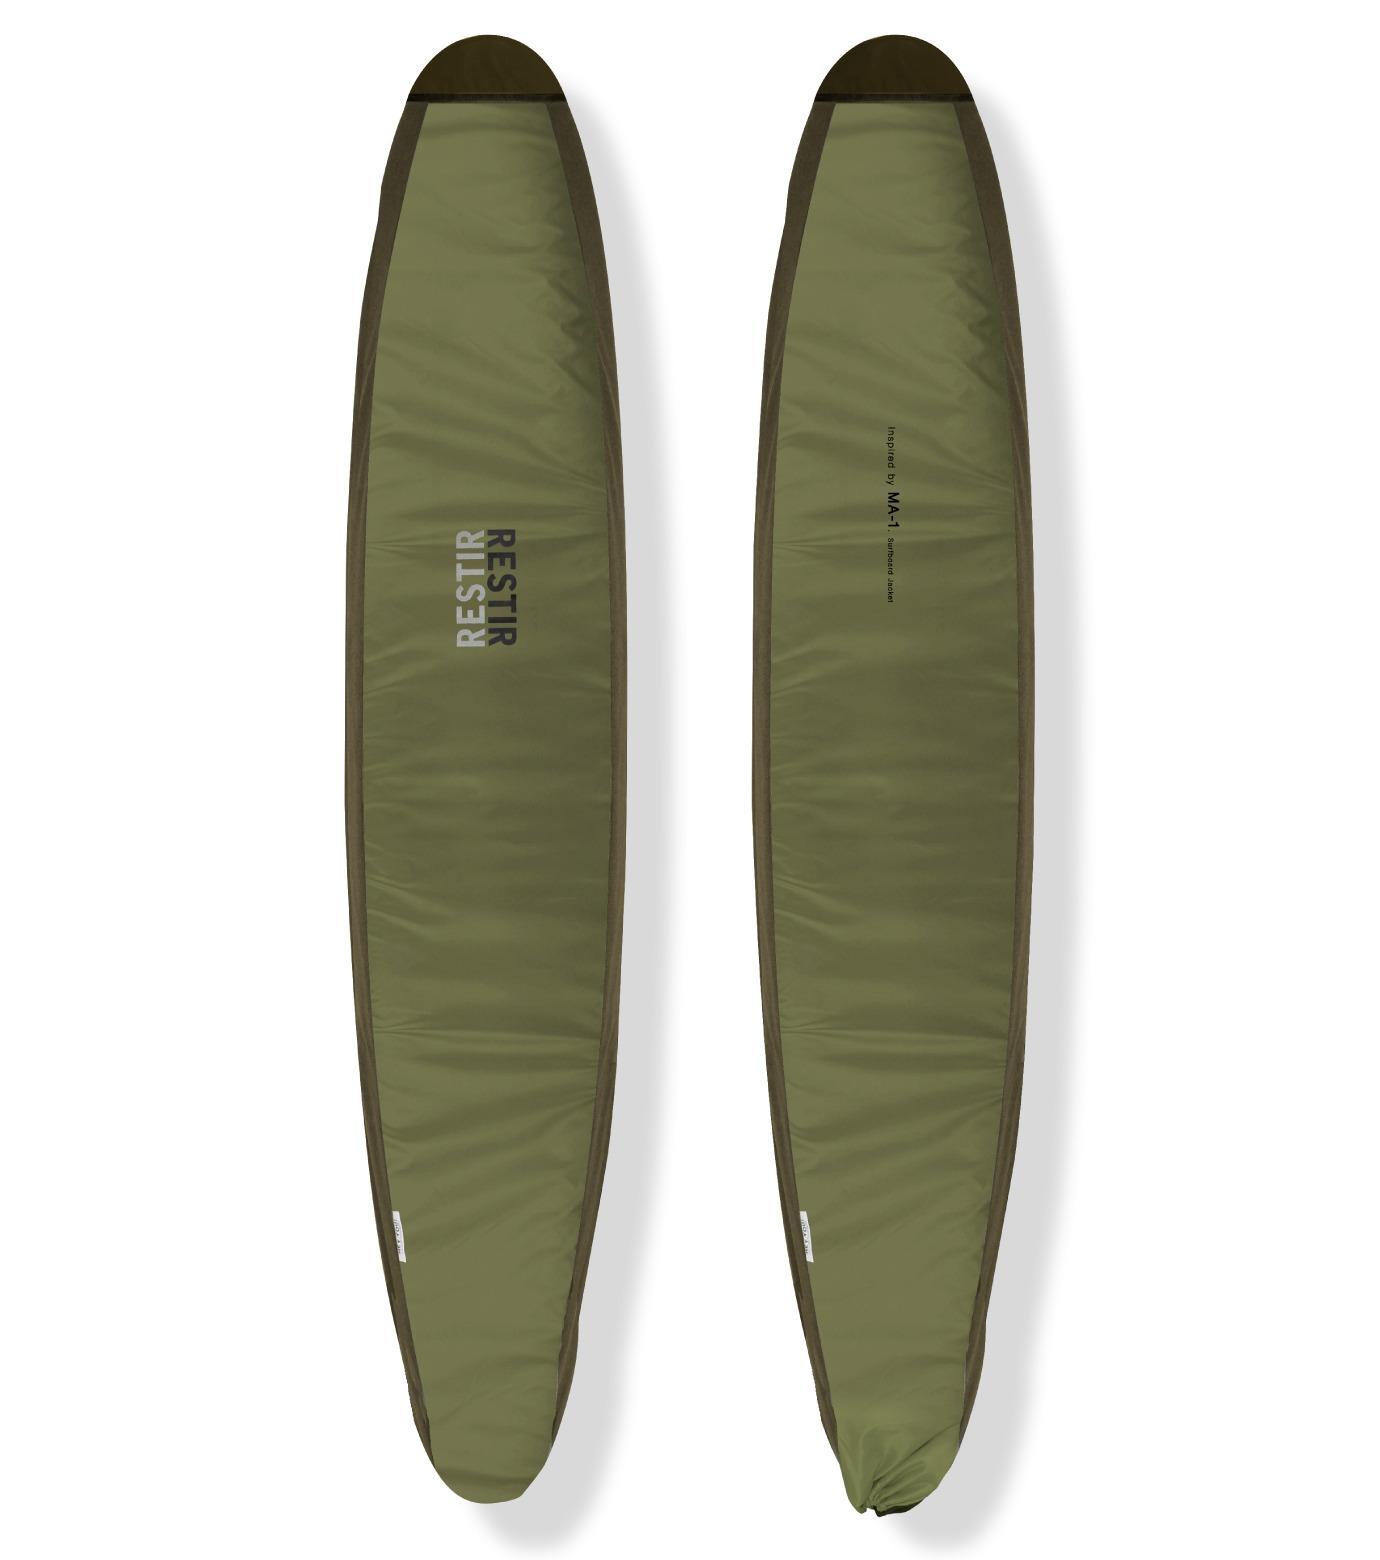 HEY YOU !(ヘイユウ)のSurfboard Jacket Long-KHAKI(サーフ/OUTDOOR/surf/OUTDOOR)-18S90012-24 拡大詳細画像1